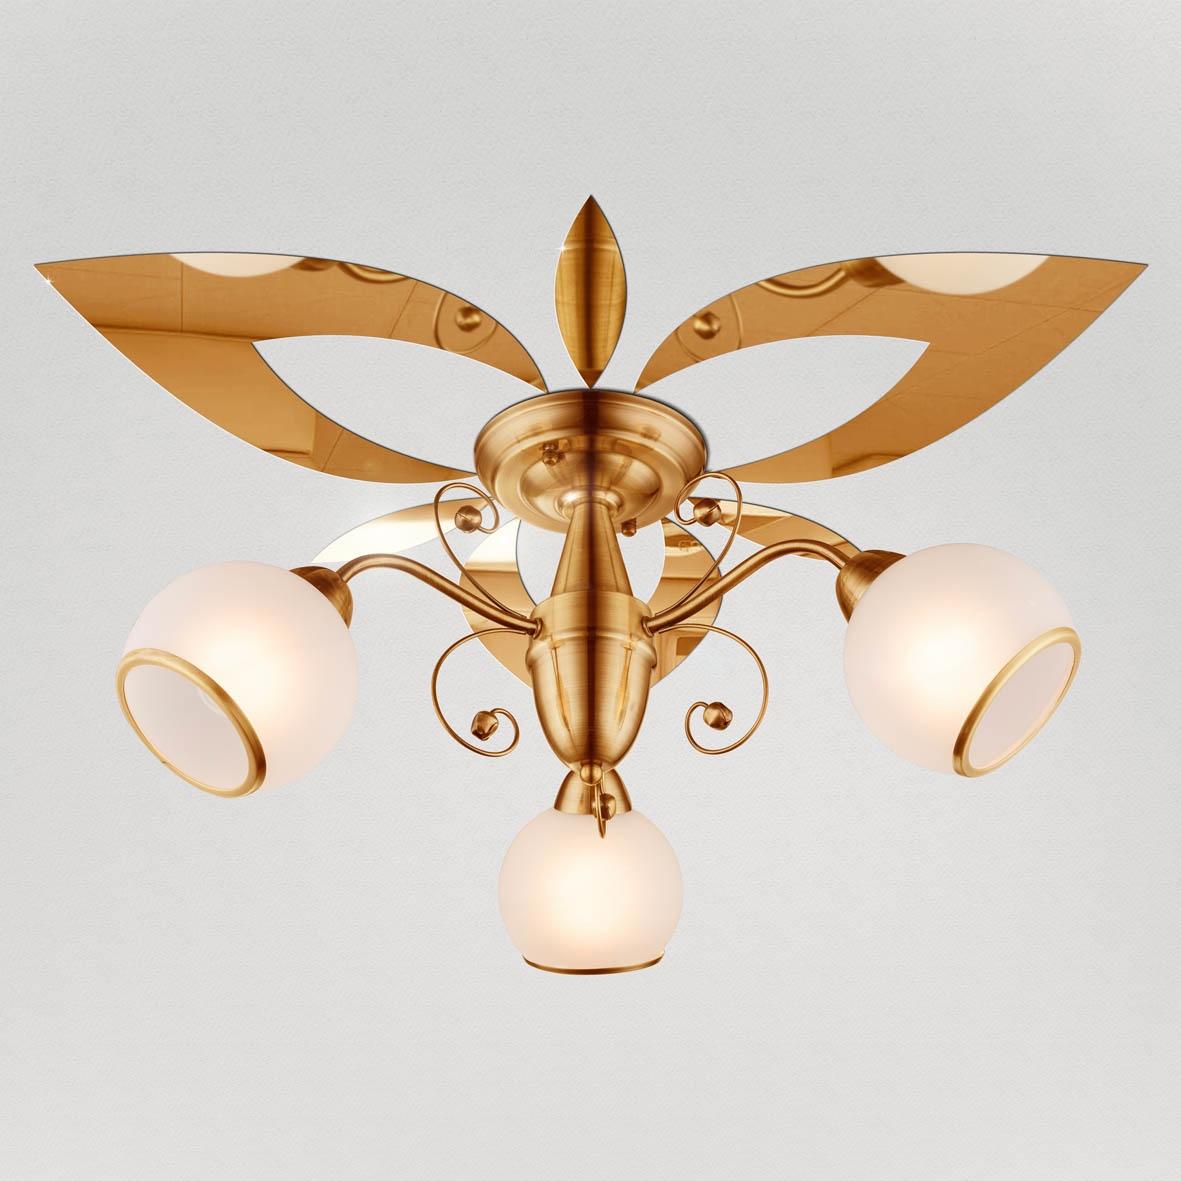 """Декор под люстру Ваша Светлость """"Лилия-3"""" зеркальный, 2-00411FG, золотой"""